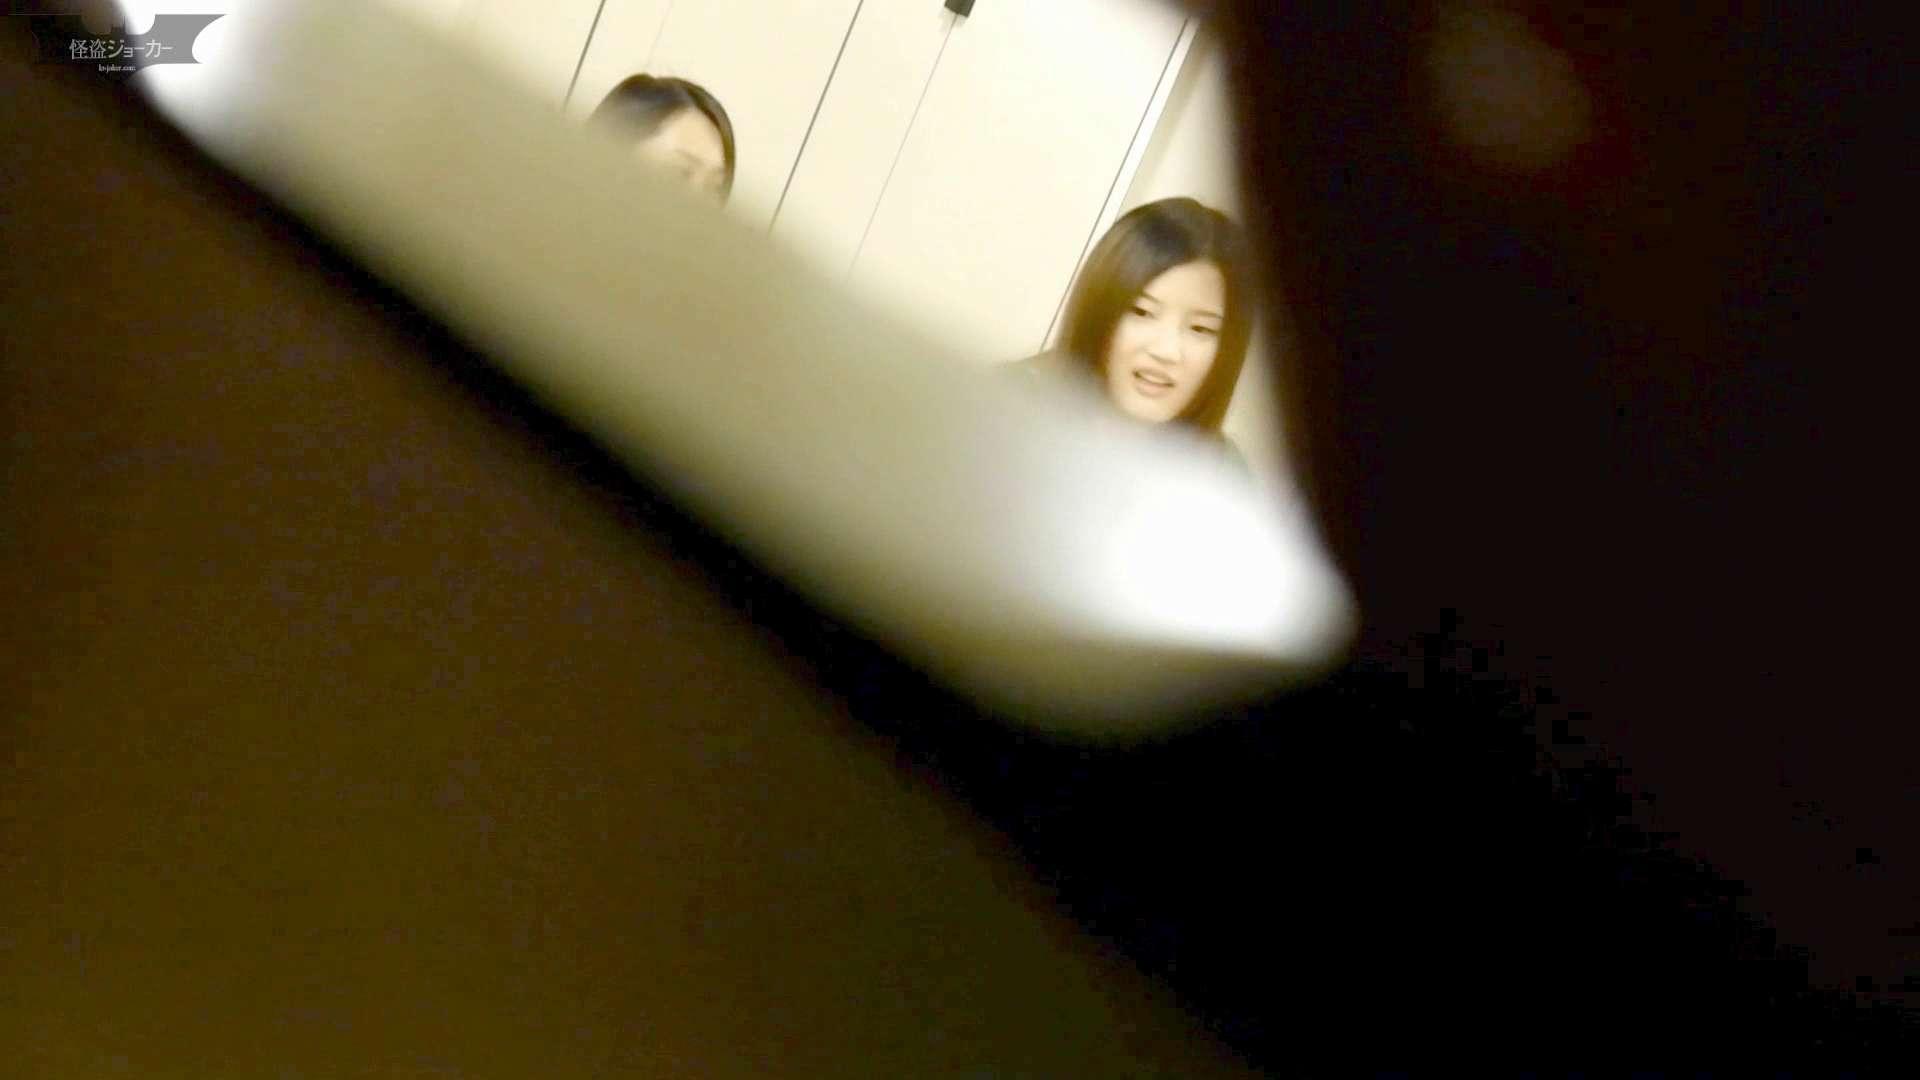 アダルトエロ動画|新世界の射窓 No58 機種変更?明るくなった!!|怪盗ジョーカー